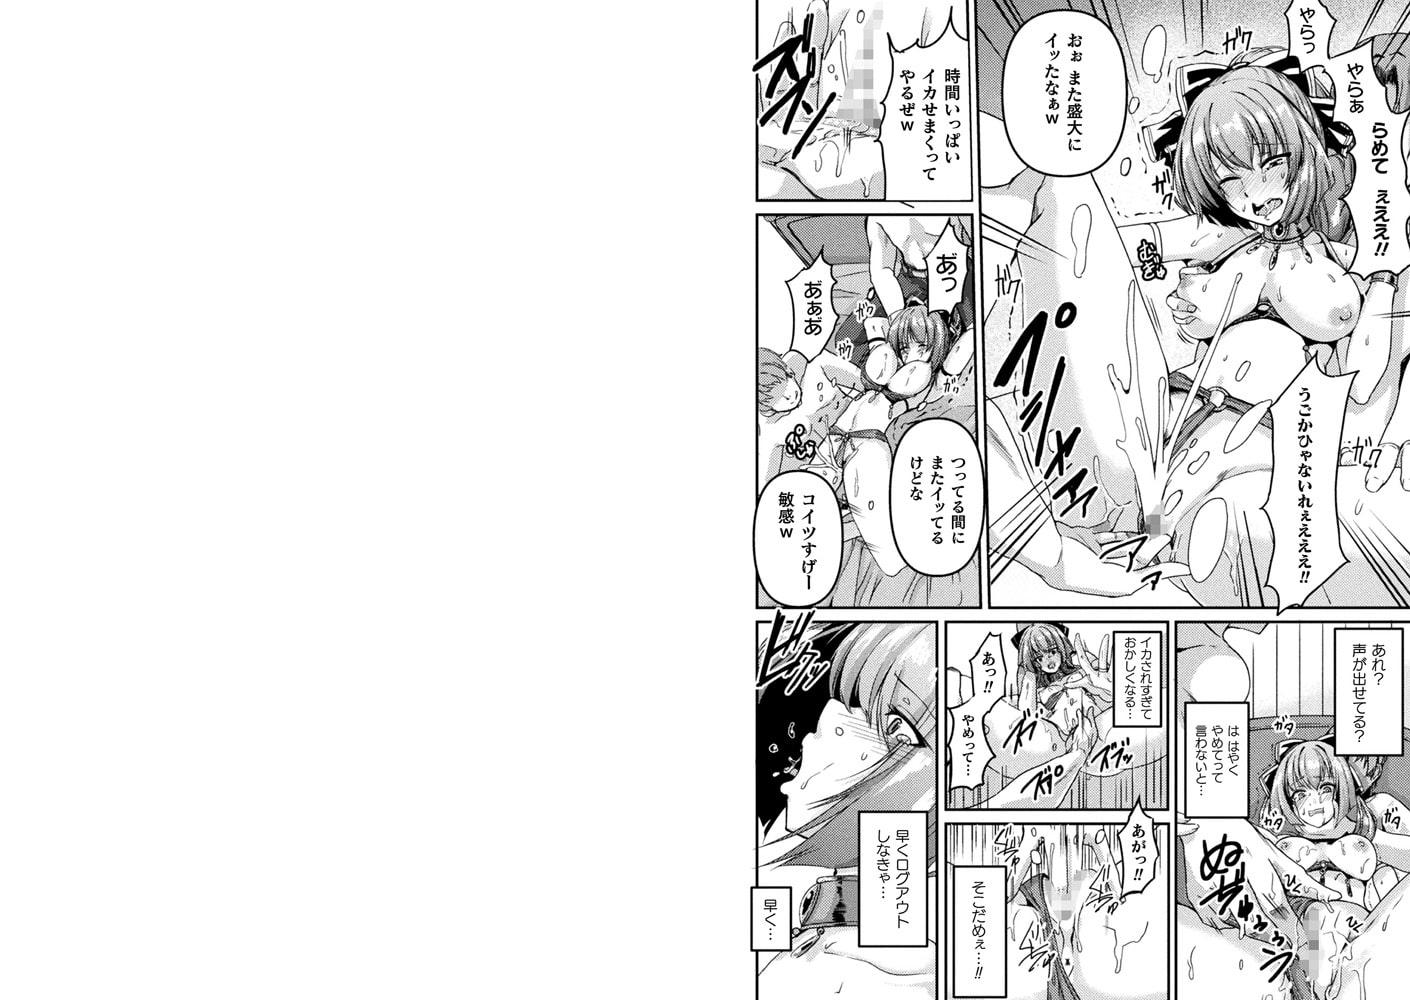 【エロゲー世界で女体化バグ!!〜NPC娼婦でご奉仕クエスト!〜】サンプル画像4